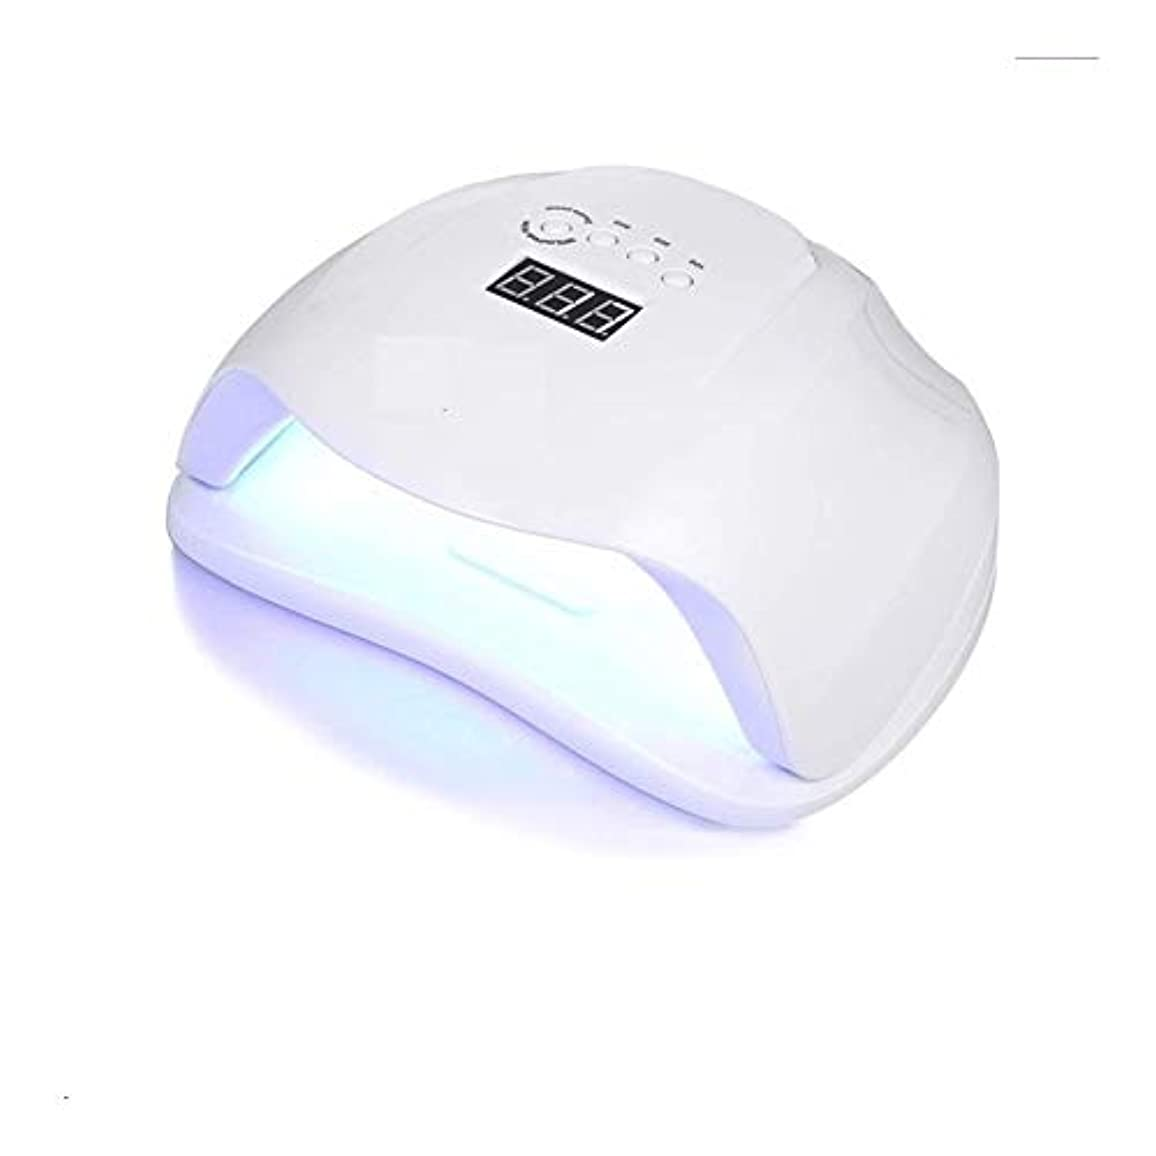 合併症臭いうめき声LittleCat UV誘導機械知能主導54W UVランプネイルヒートランプツールネイル (色 : American standard flat plug)